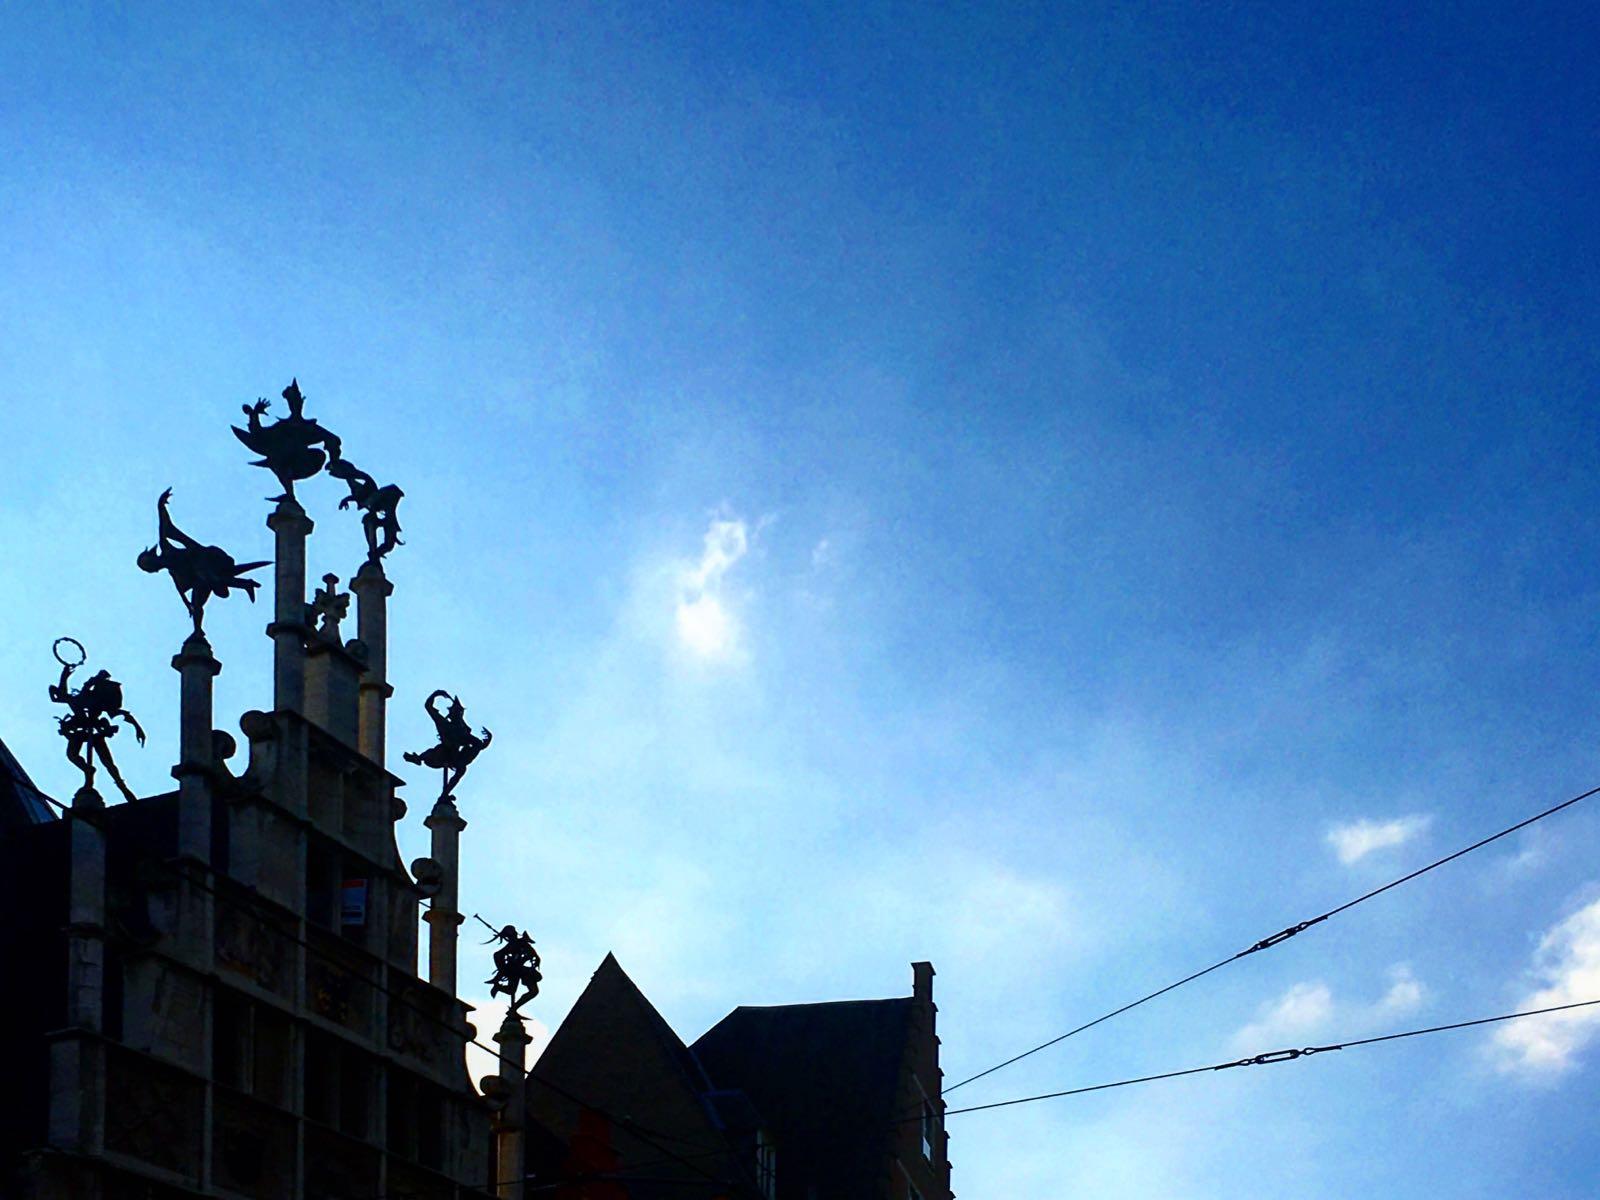 Le Chameau Bleu - Photo de la ville de Gand - Belgique